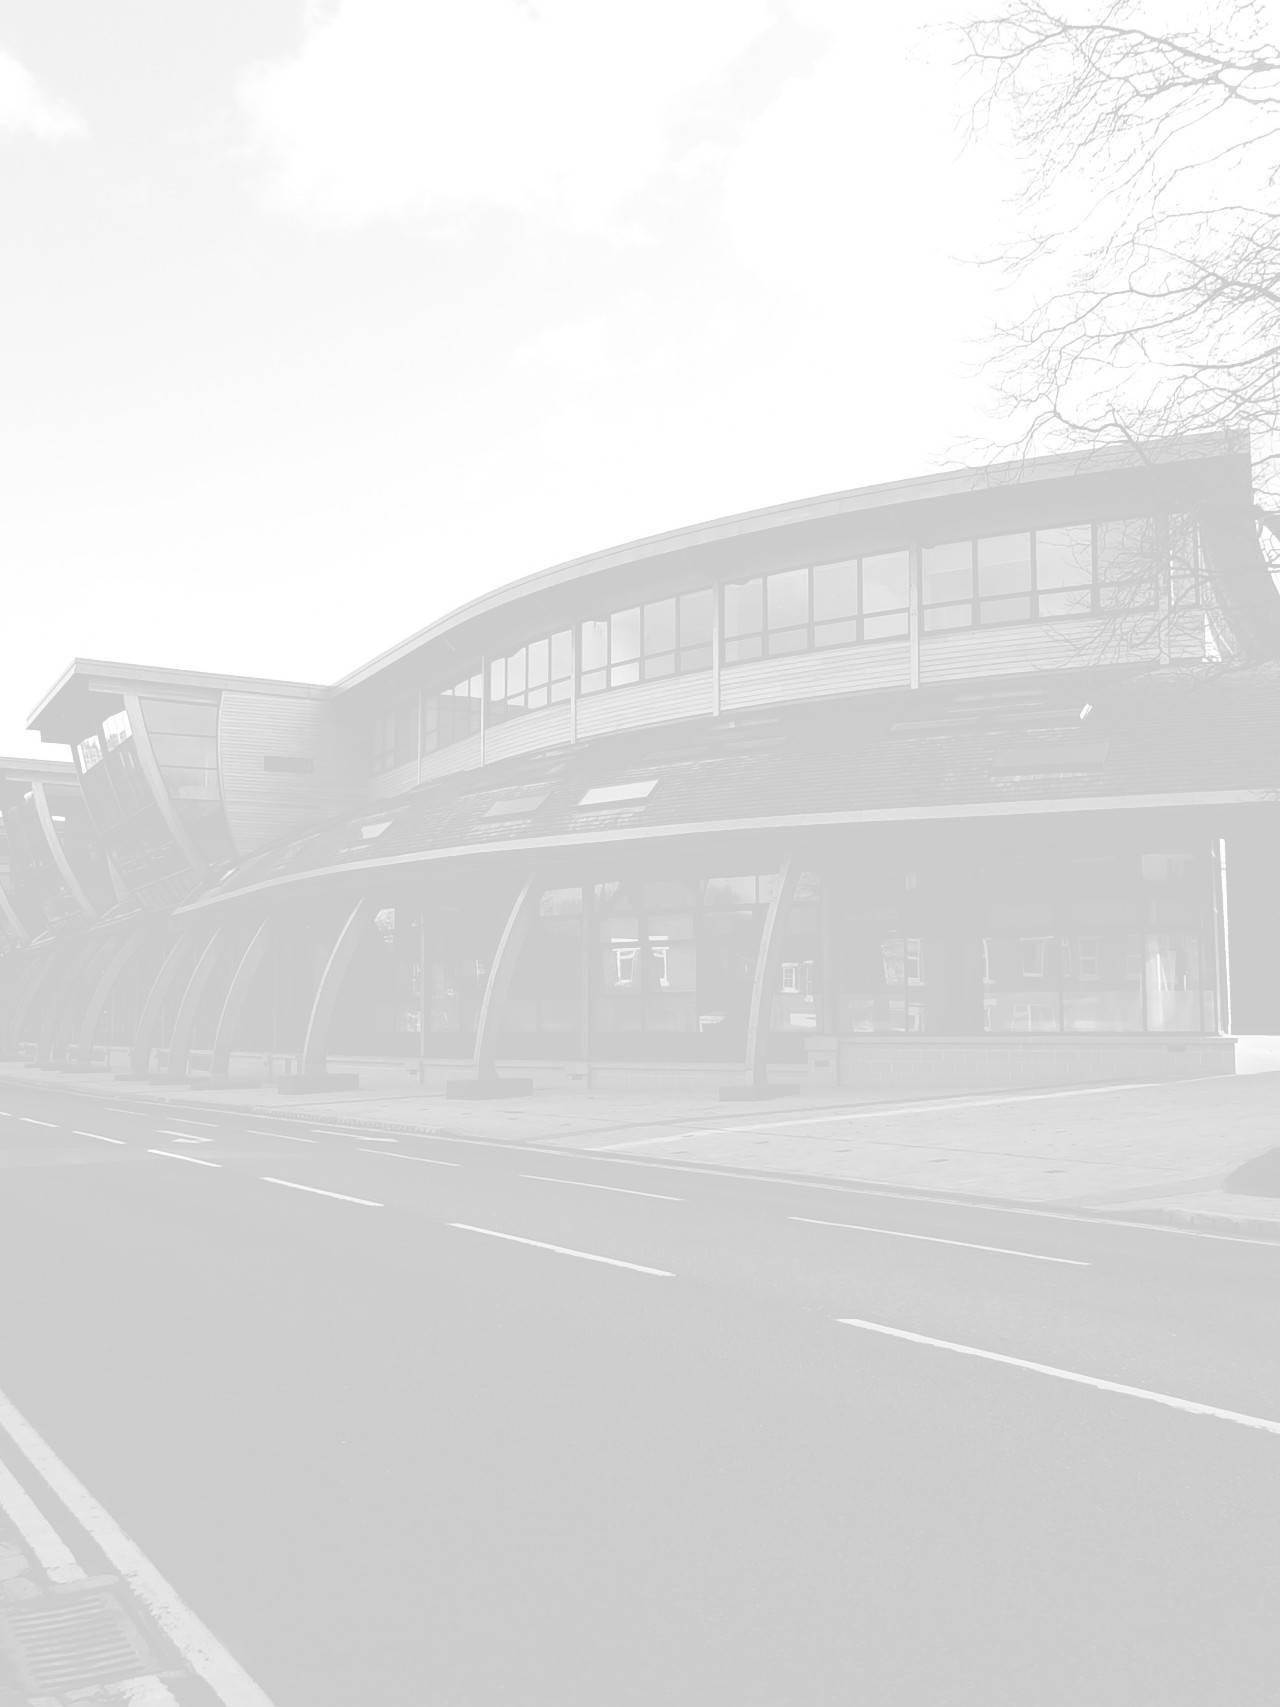 seo durham image of durham university